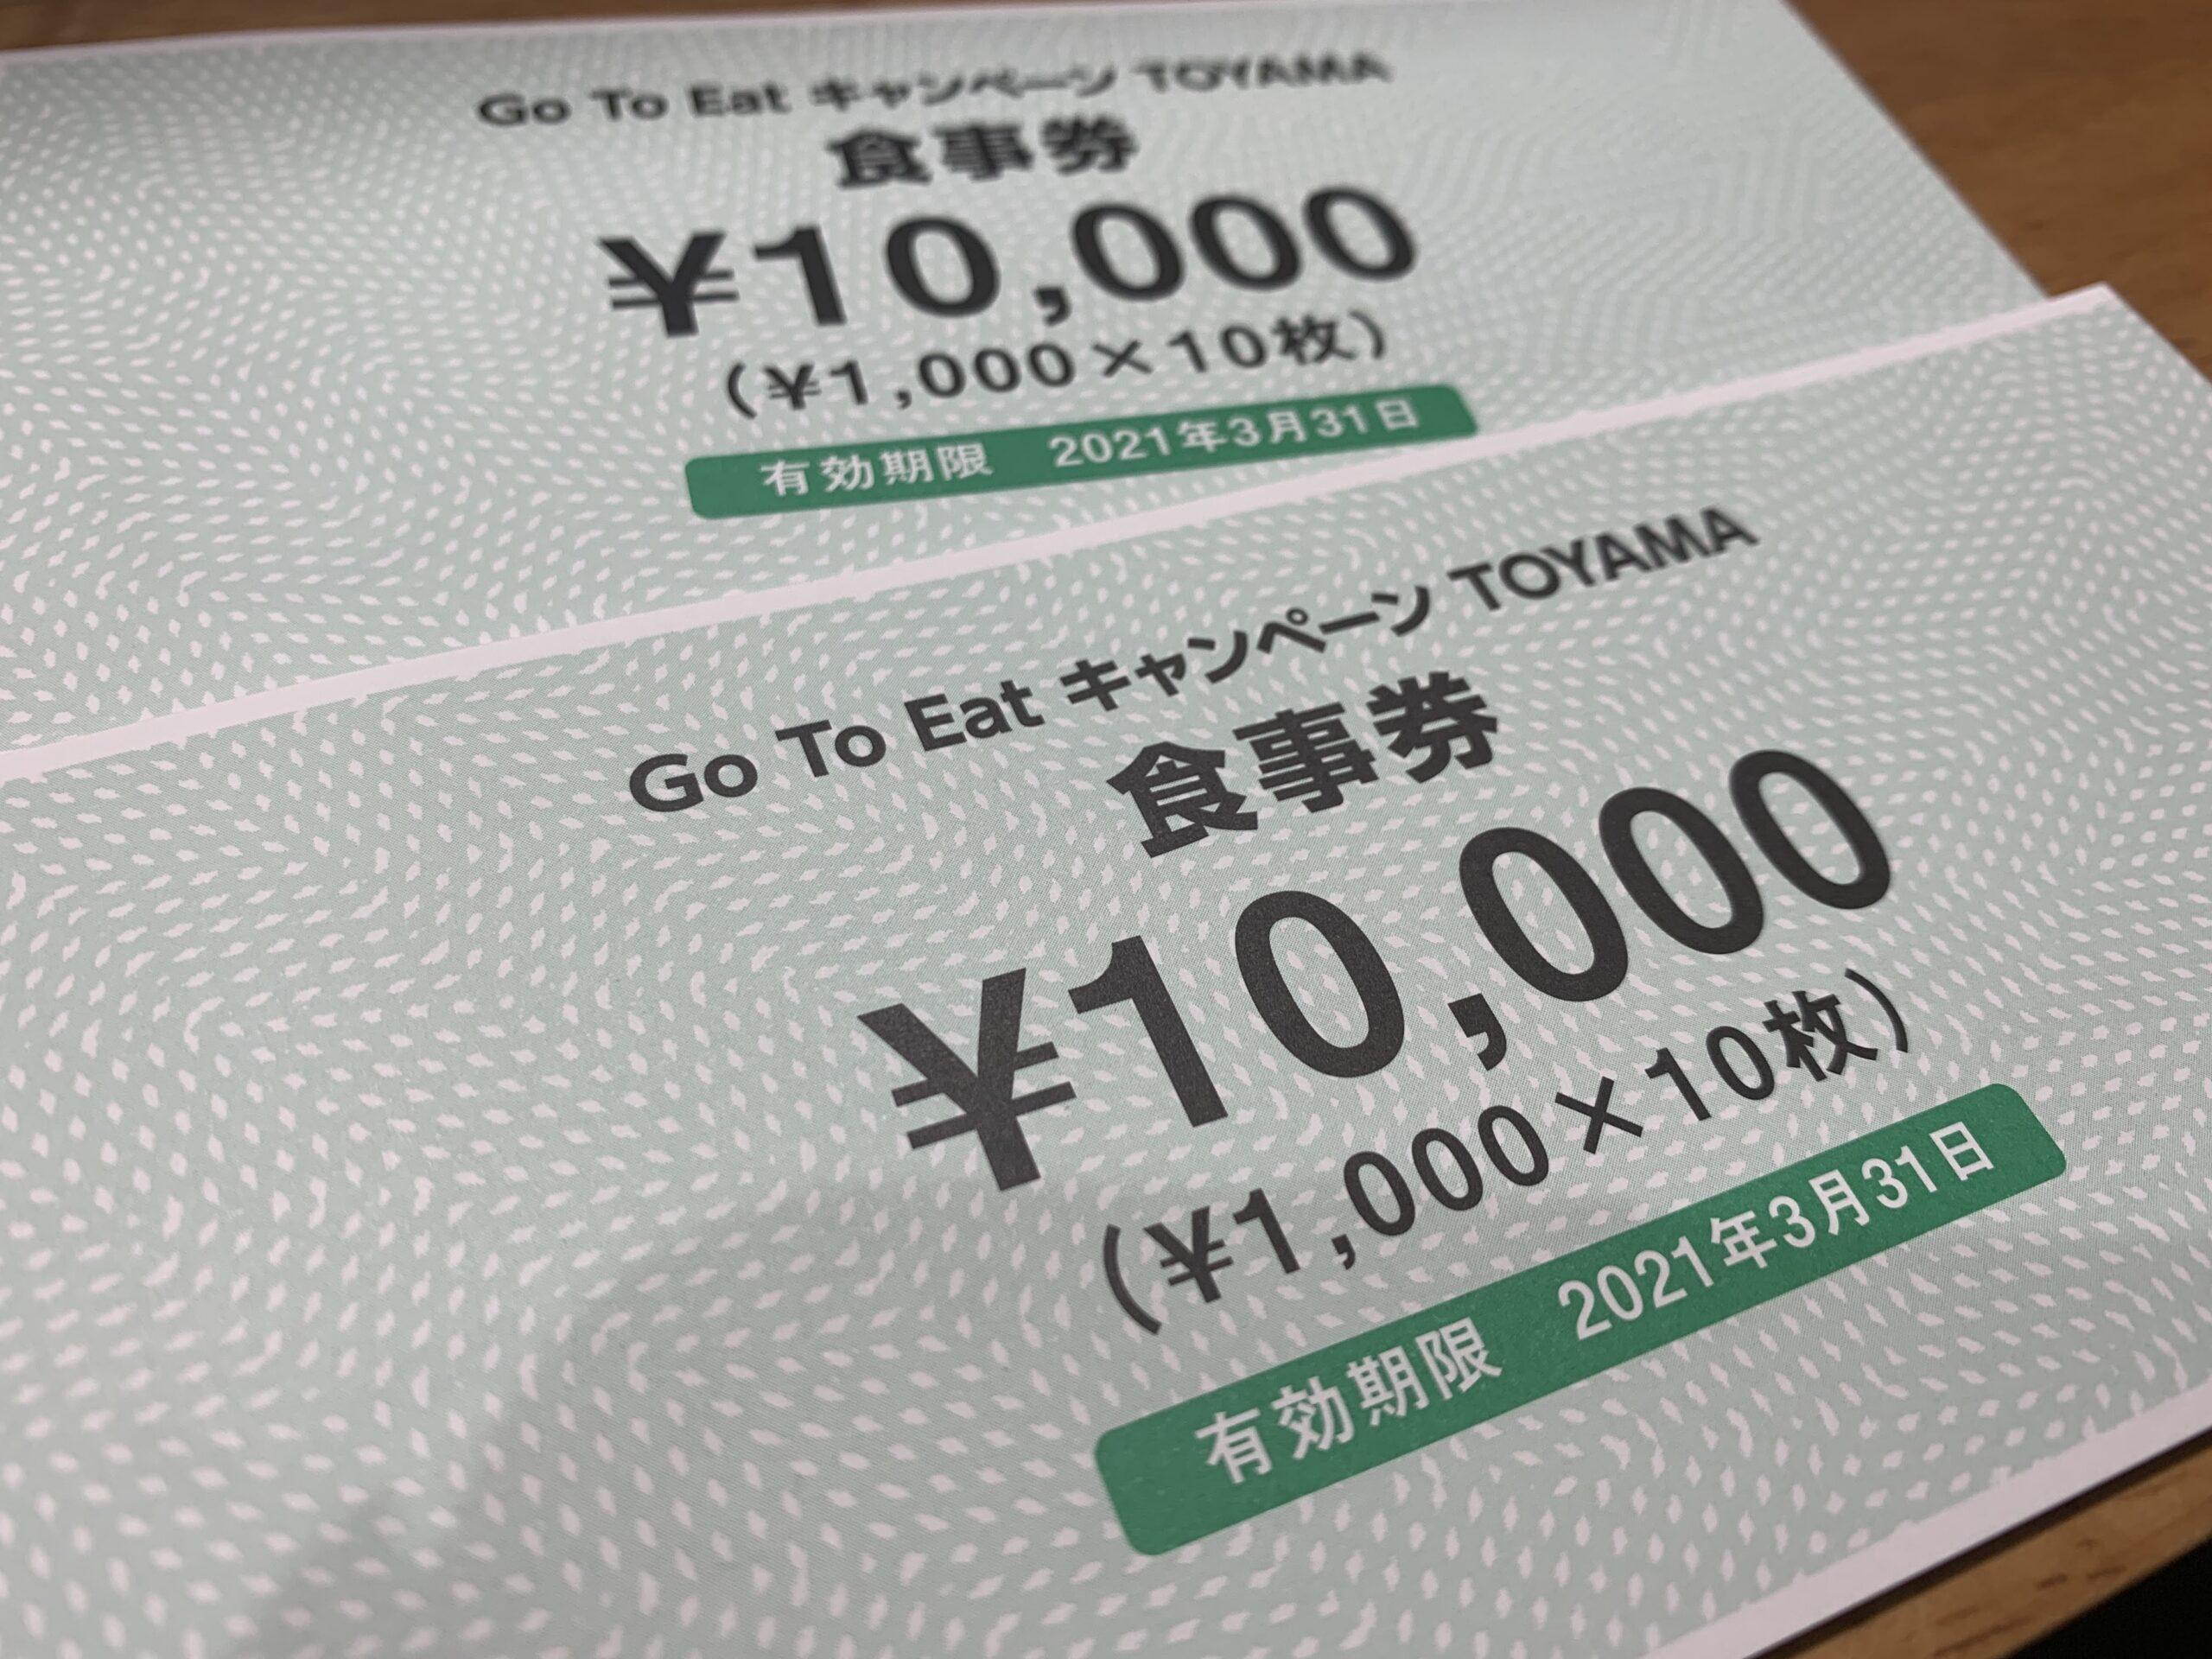 富山県GoToEatキャンペーンが復活・有効期限も販売期間も延長